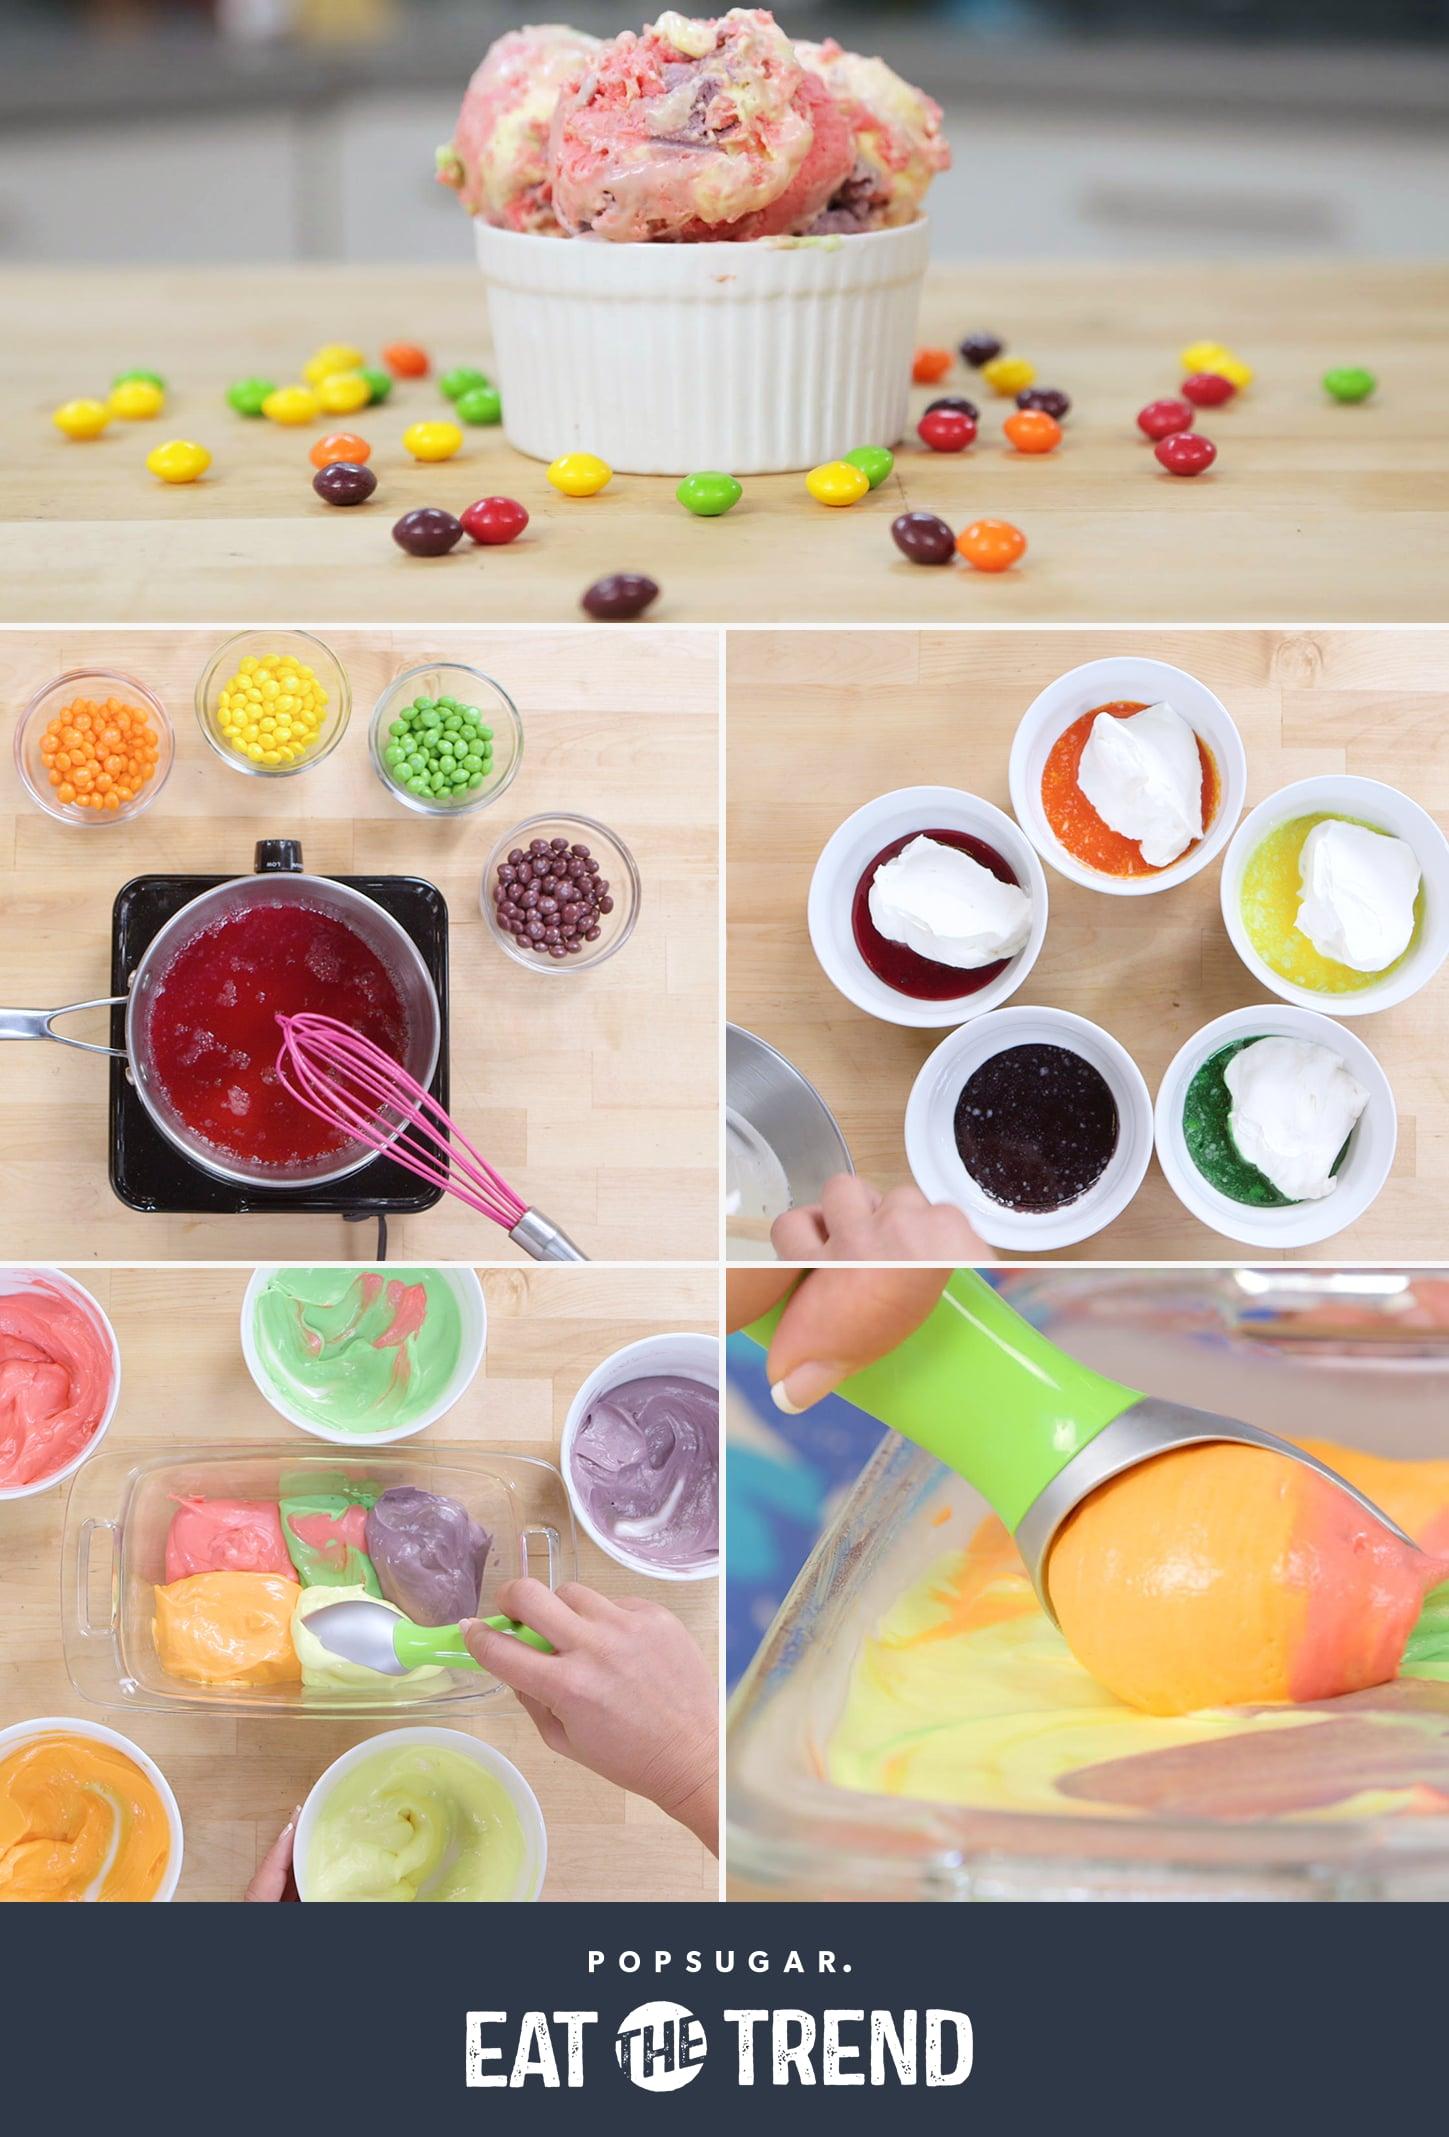 Skittles ice cream popsugar food - Refreshing dishes yogurt try summer ...